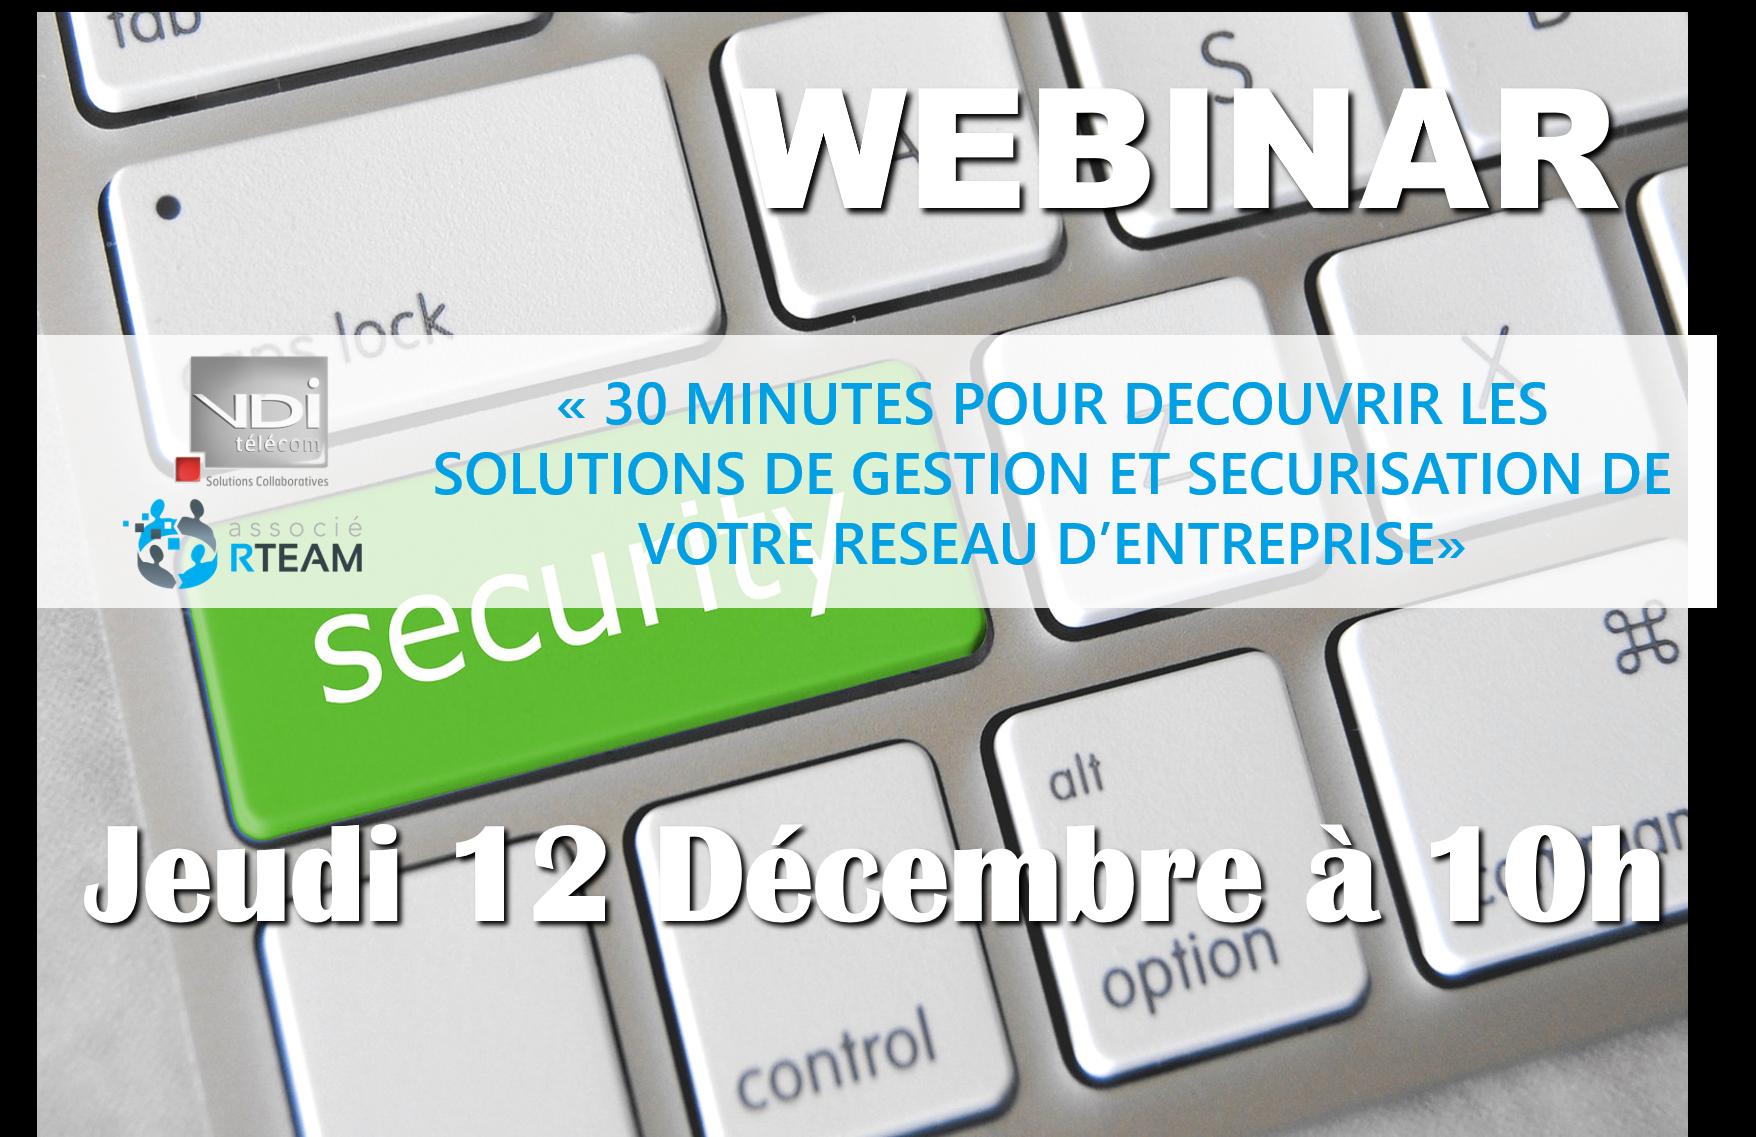 30 minutes pour découvrir les solutions de gestion et sécurisation de votre réseau